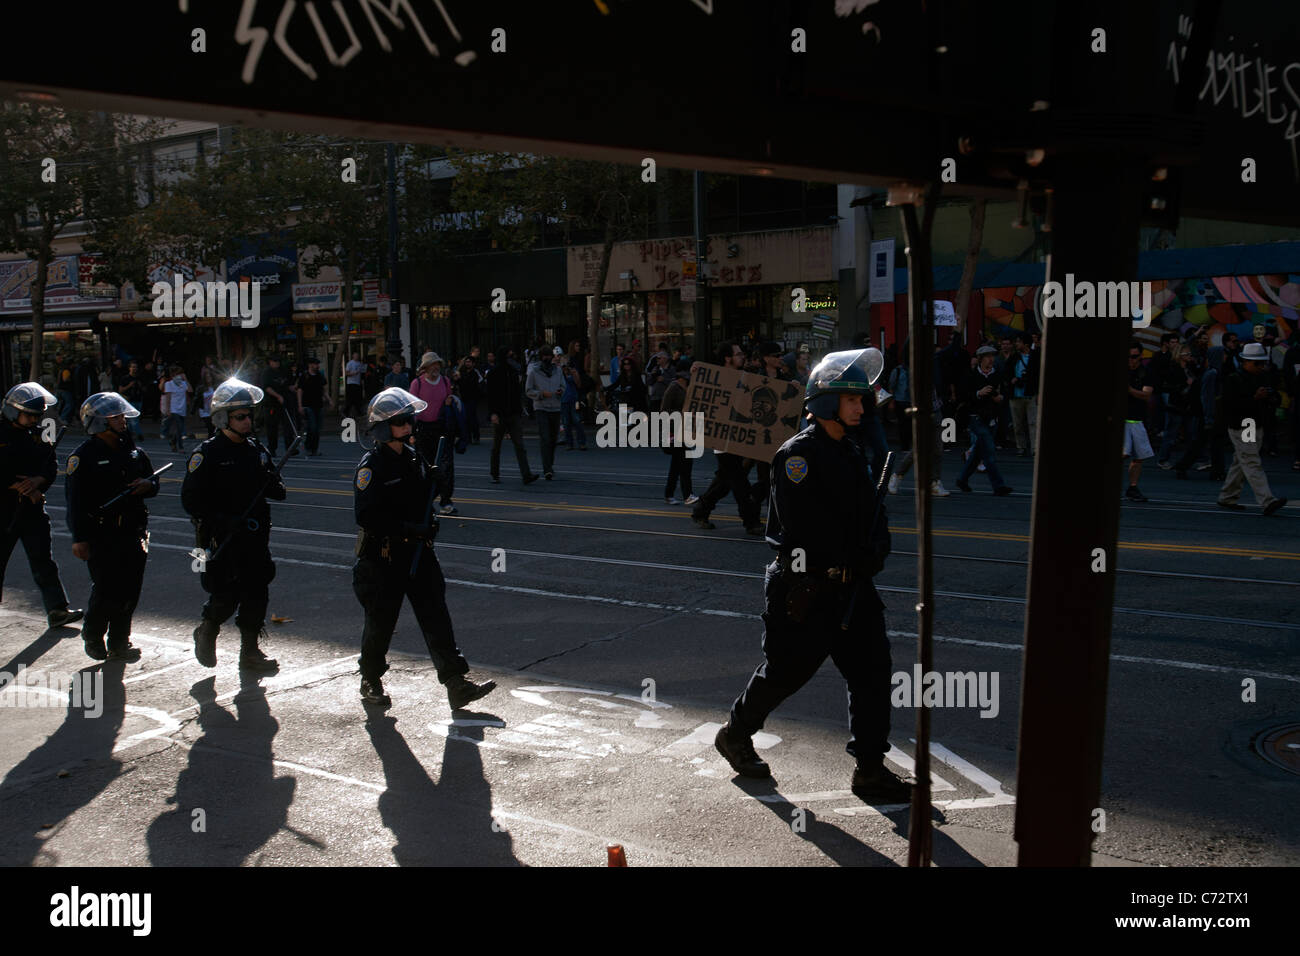 riot police in san francisco - Stock Image